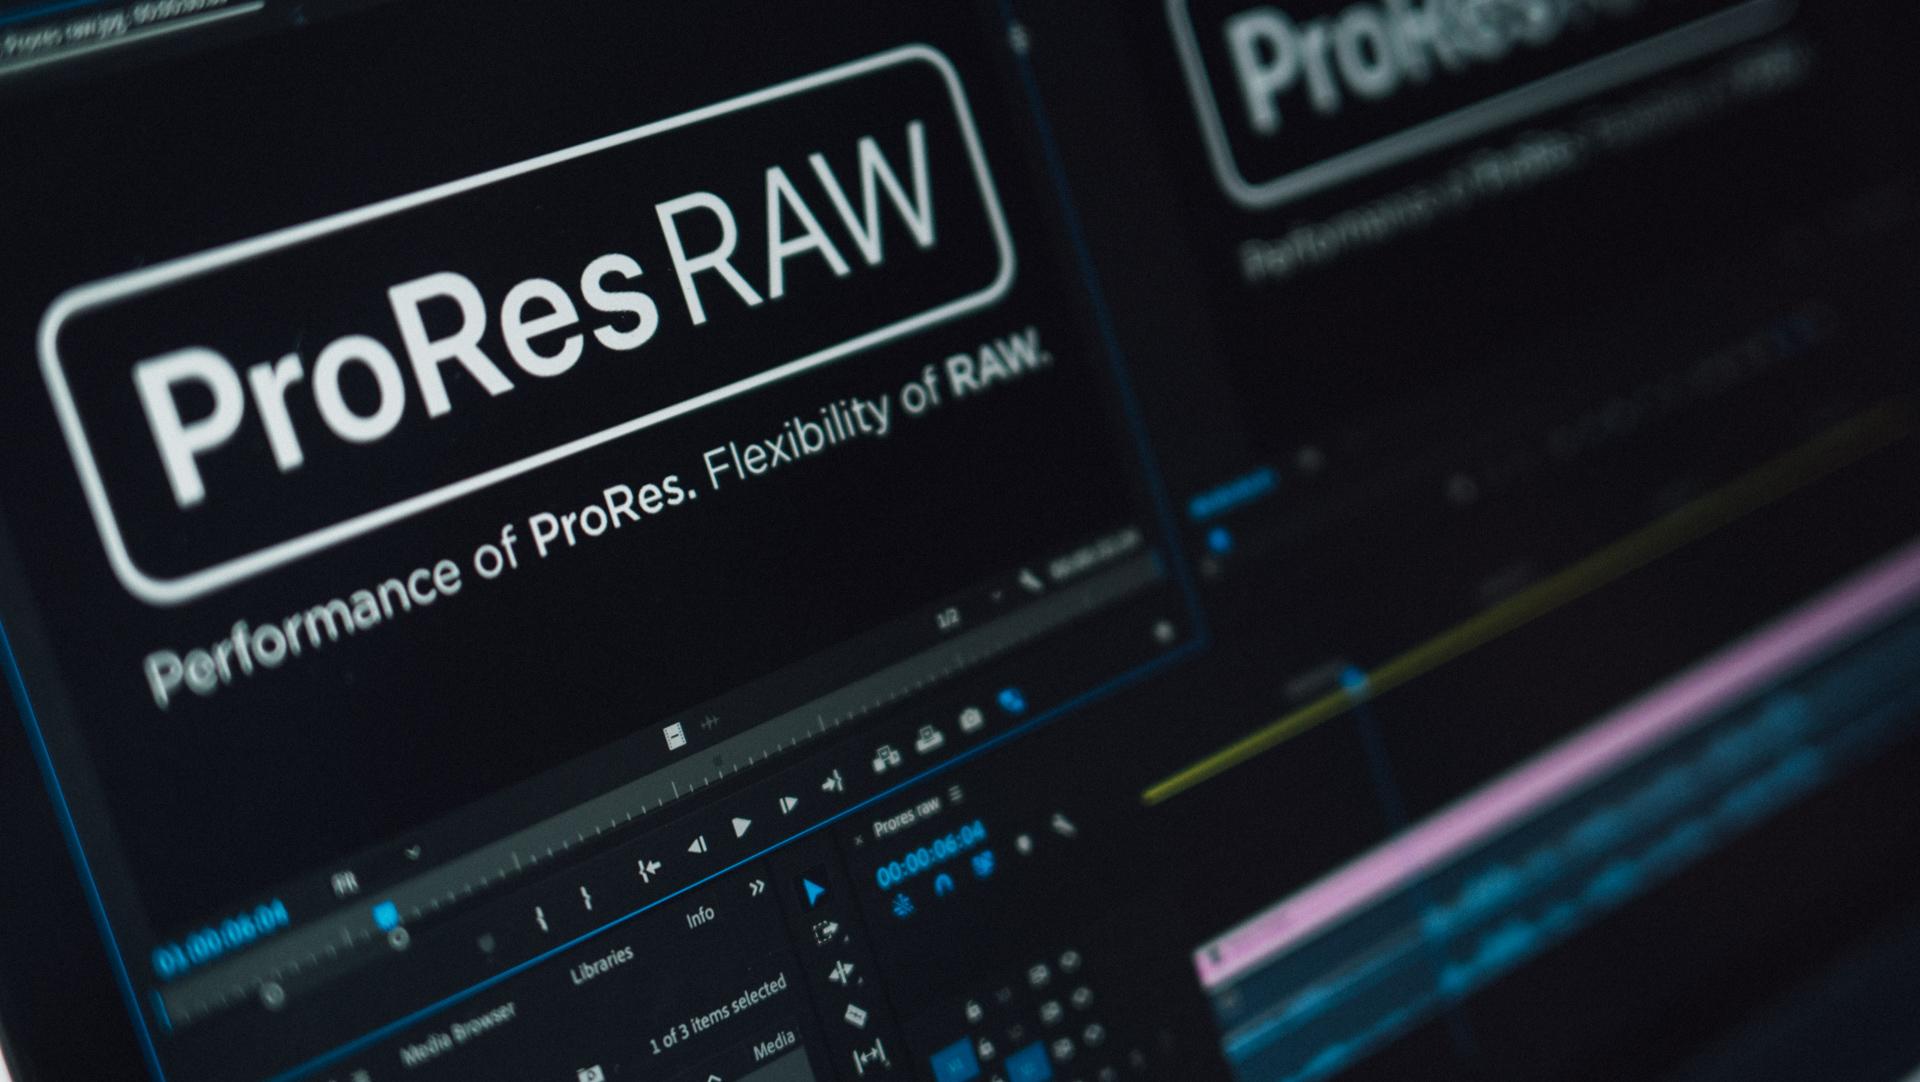 アップルがProRes RAWのWindows向けベータバージョンをリリース